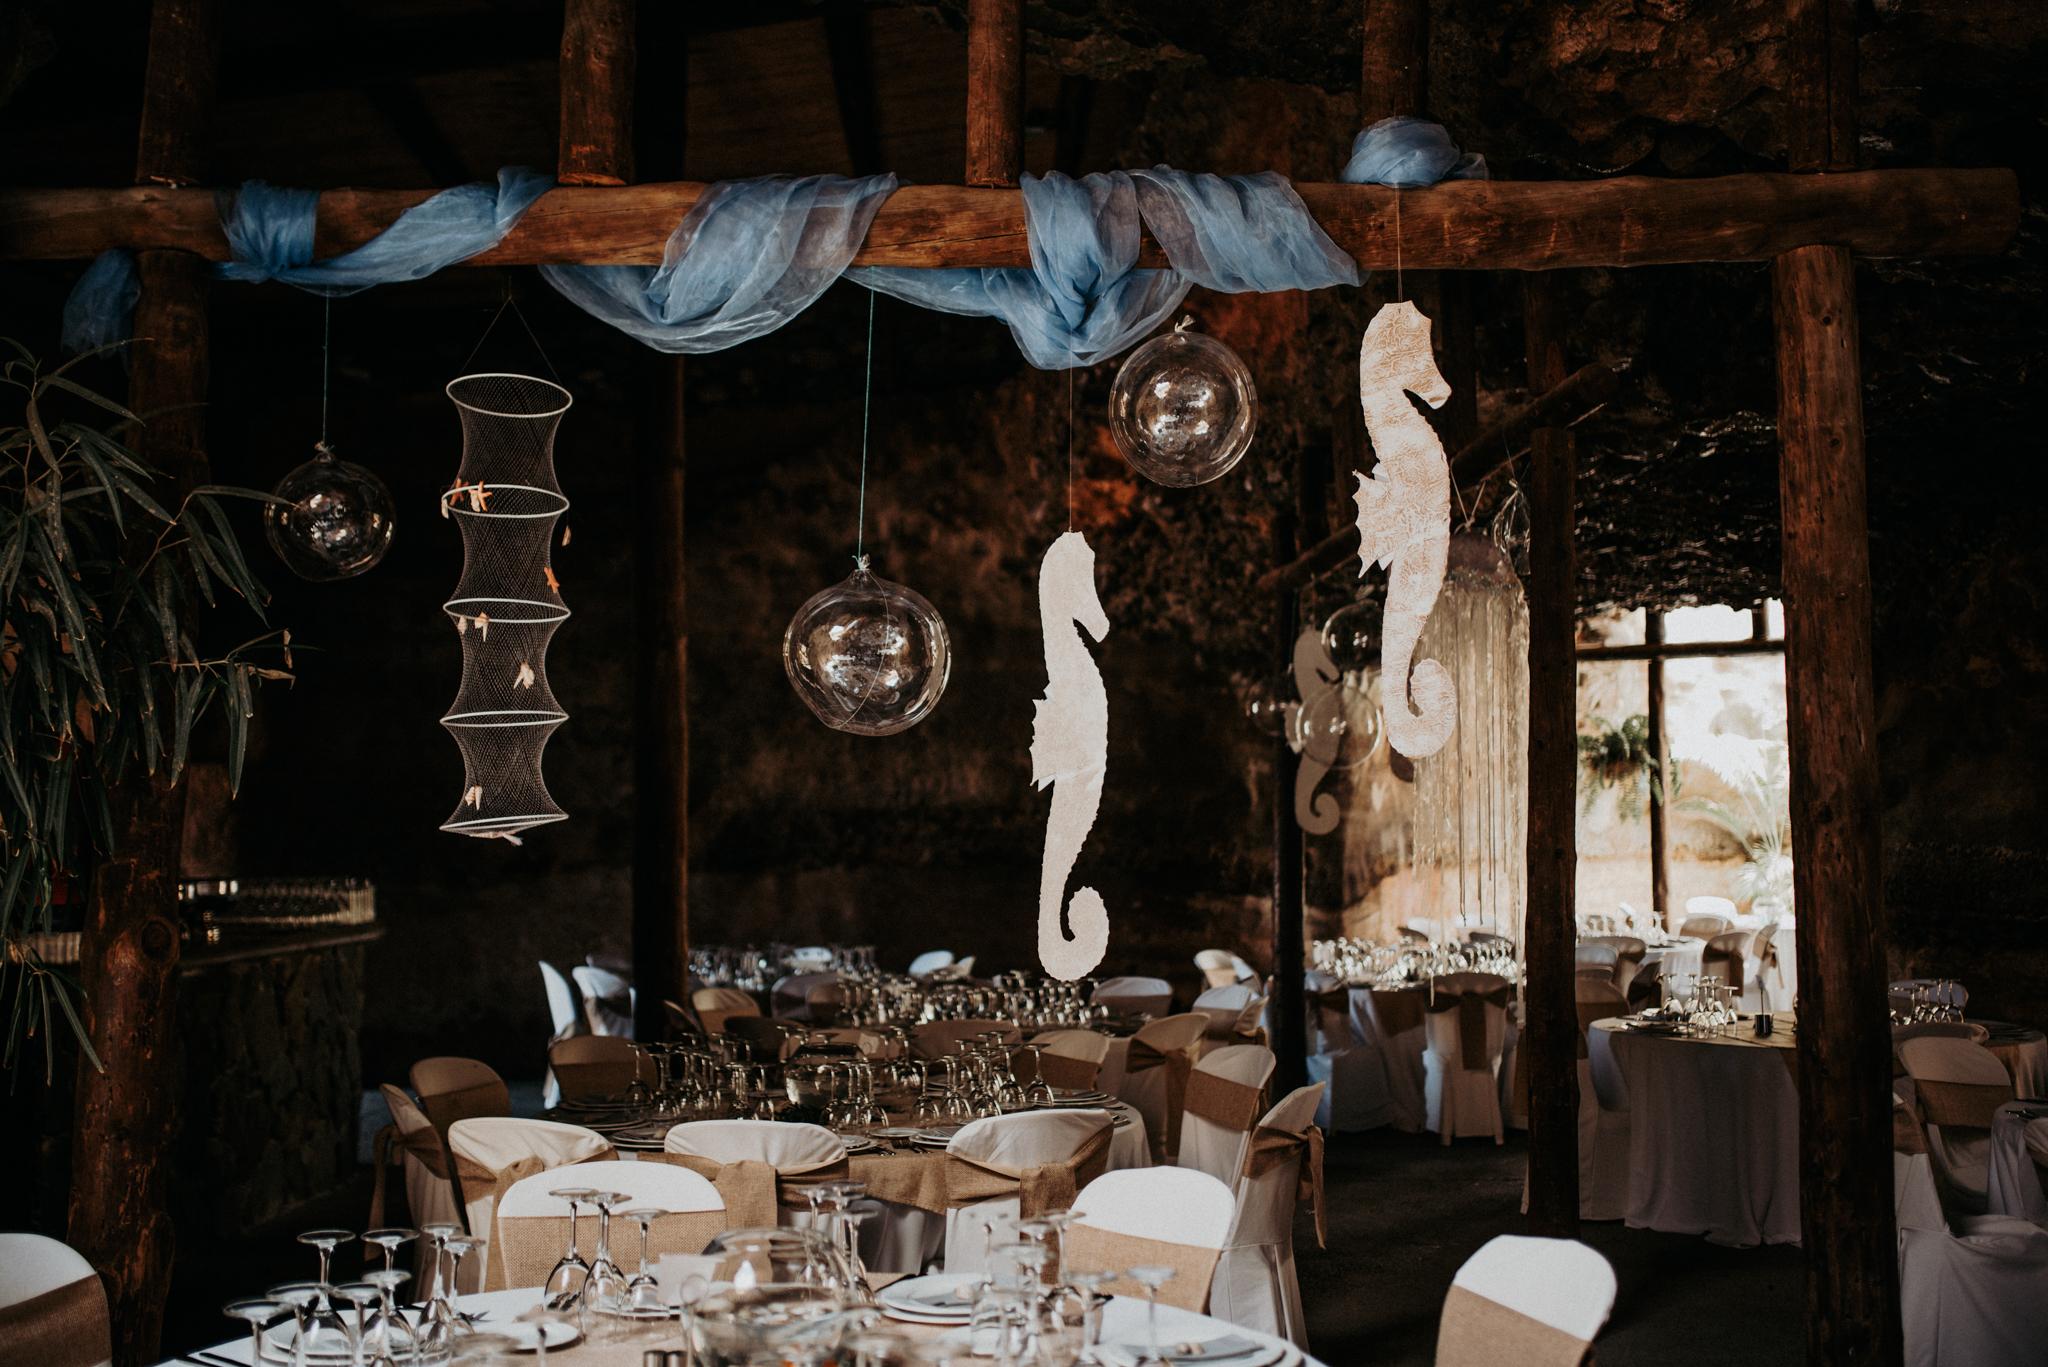 sonia boda-6.jpg